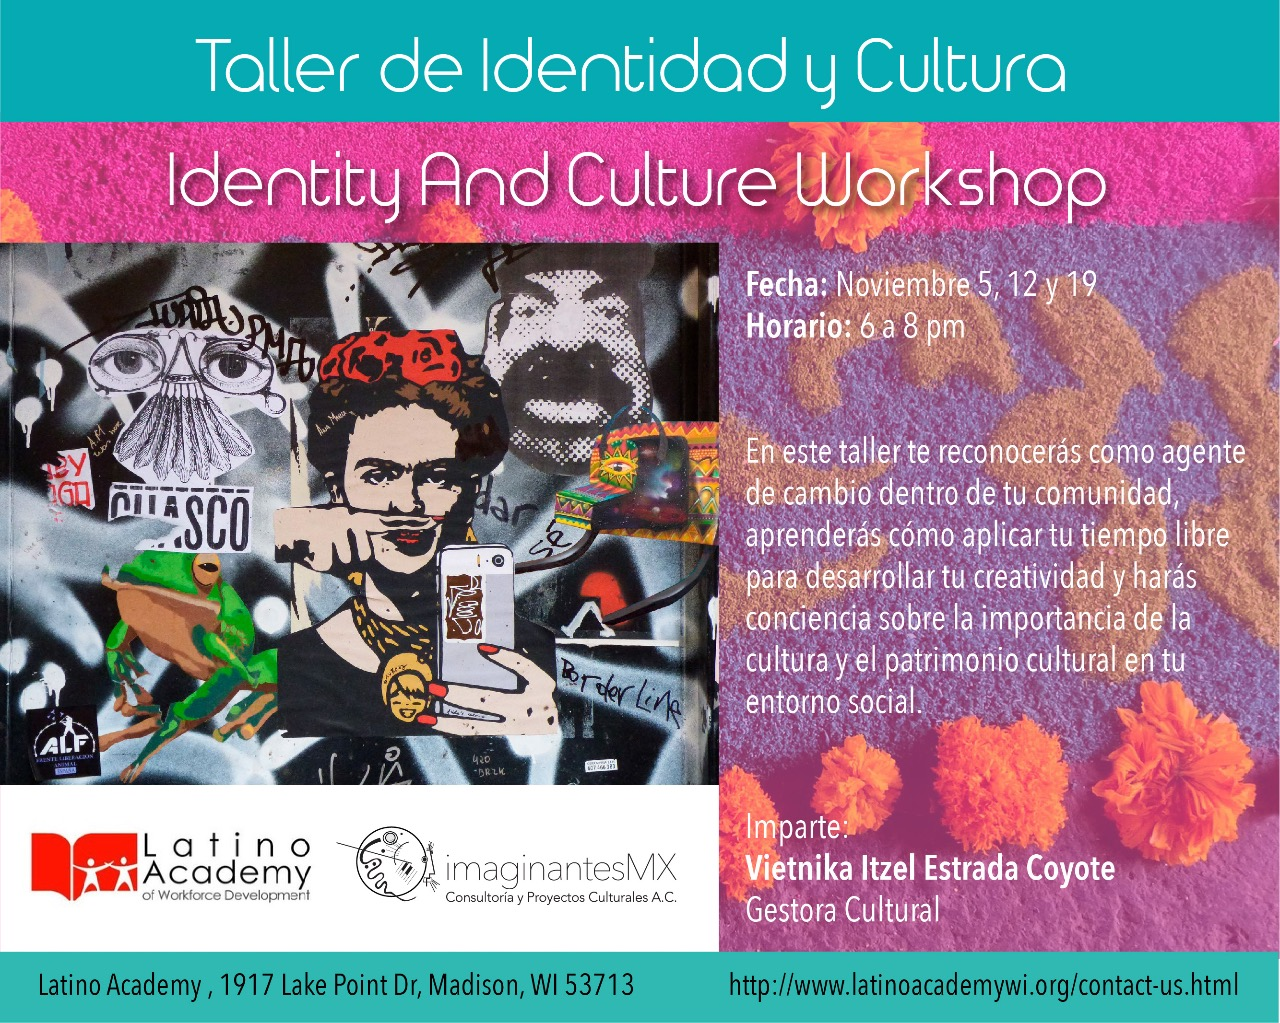 Taller de Identidad y Cultura – Identity And Culture Workshop